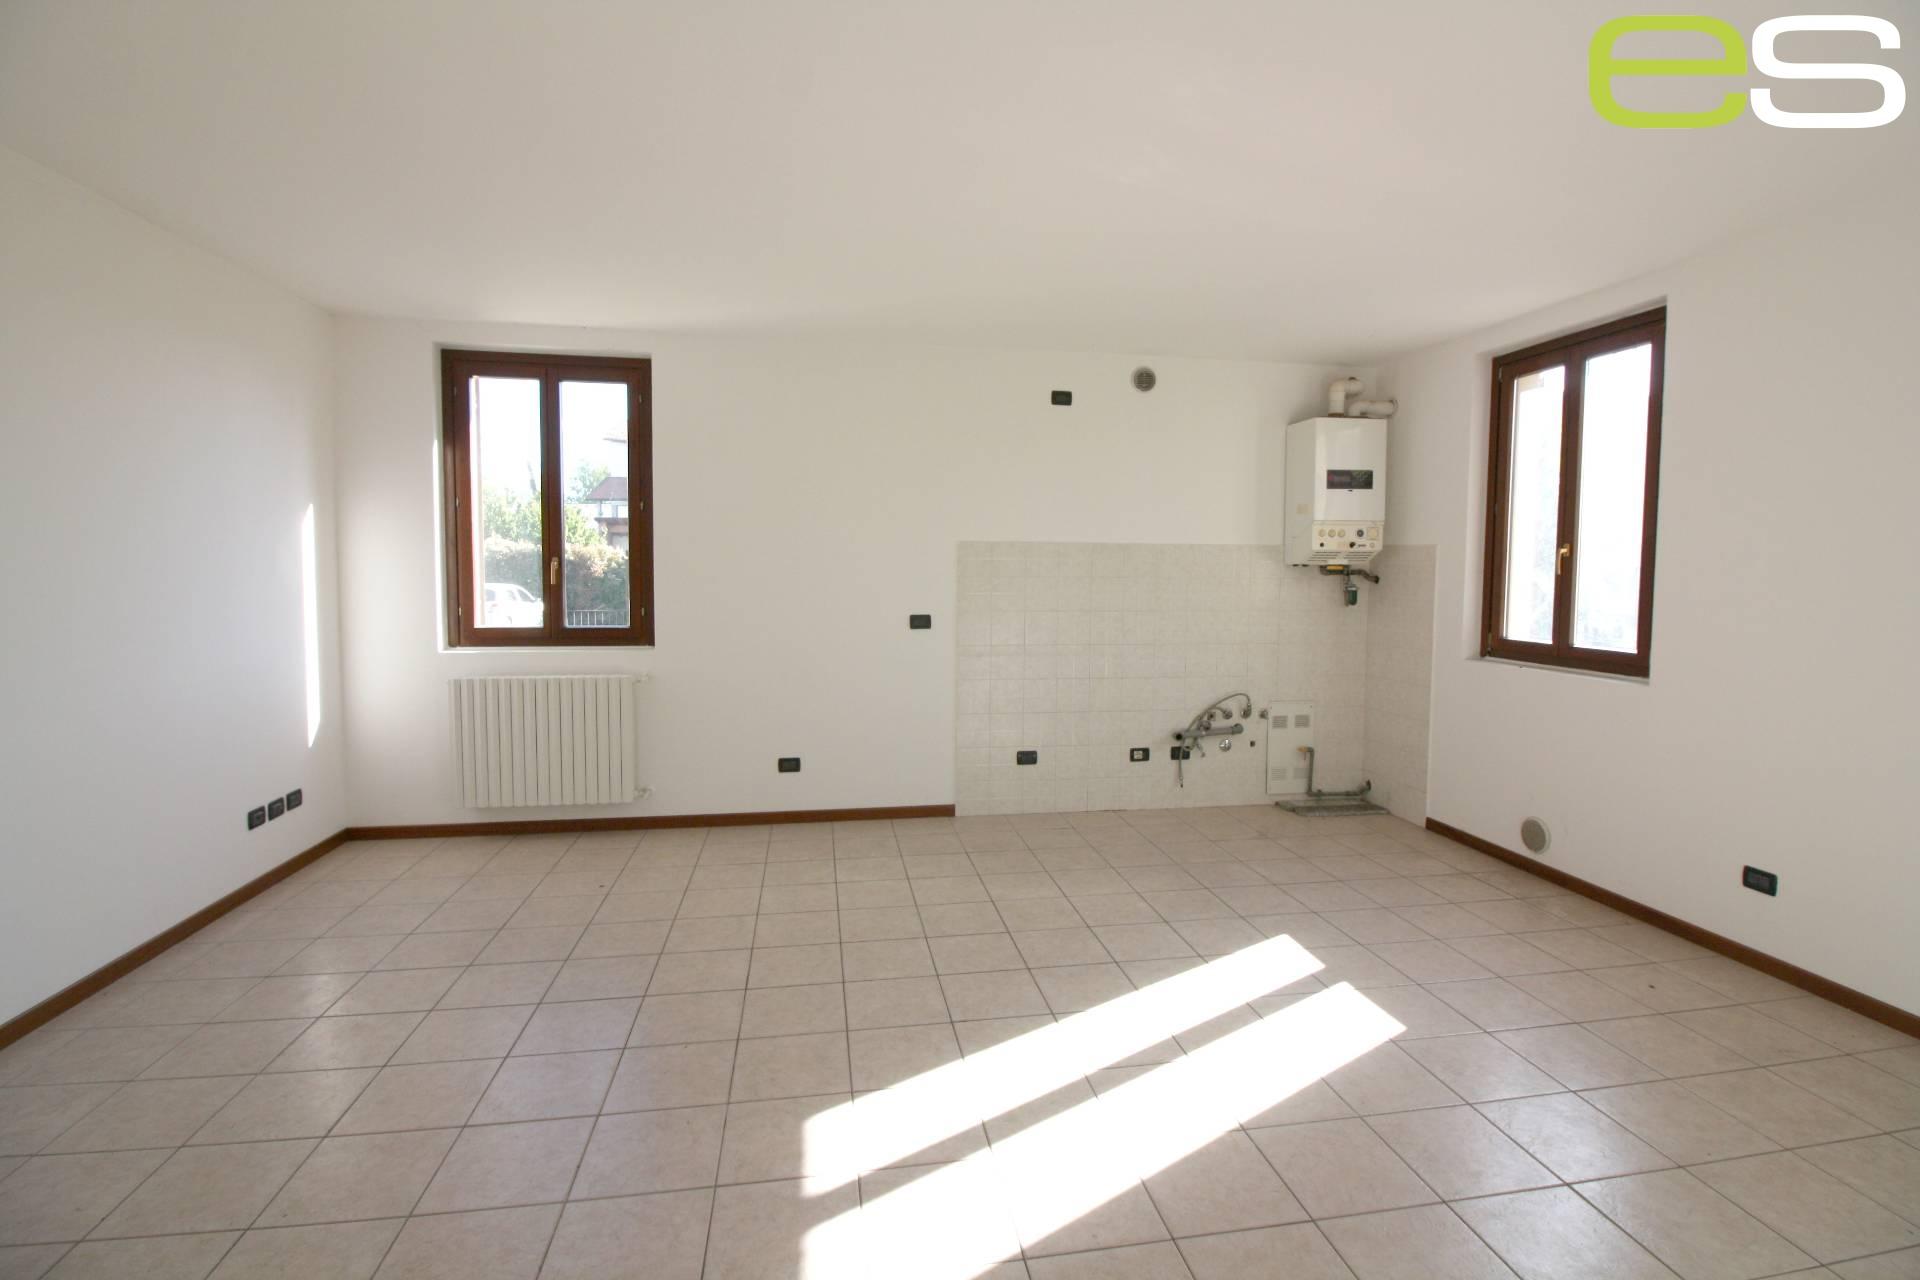 Appartamento in vendita a Nibionno, 3 locali, zona Zona: Cibrone, prezzo € 86.000 | CambioCasa.it